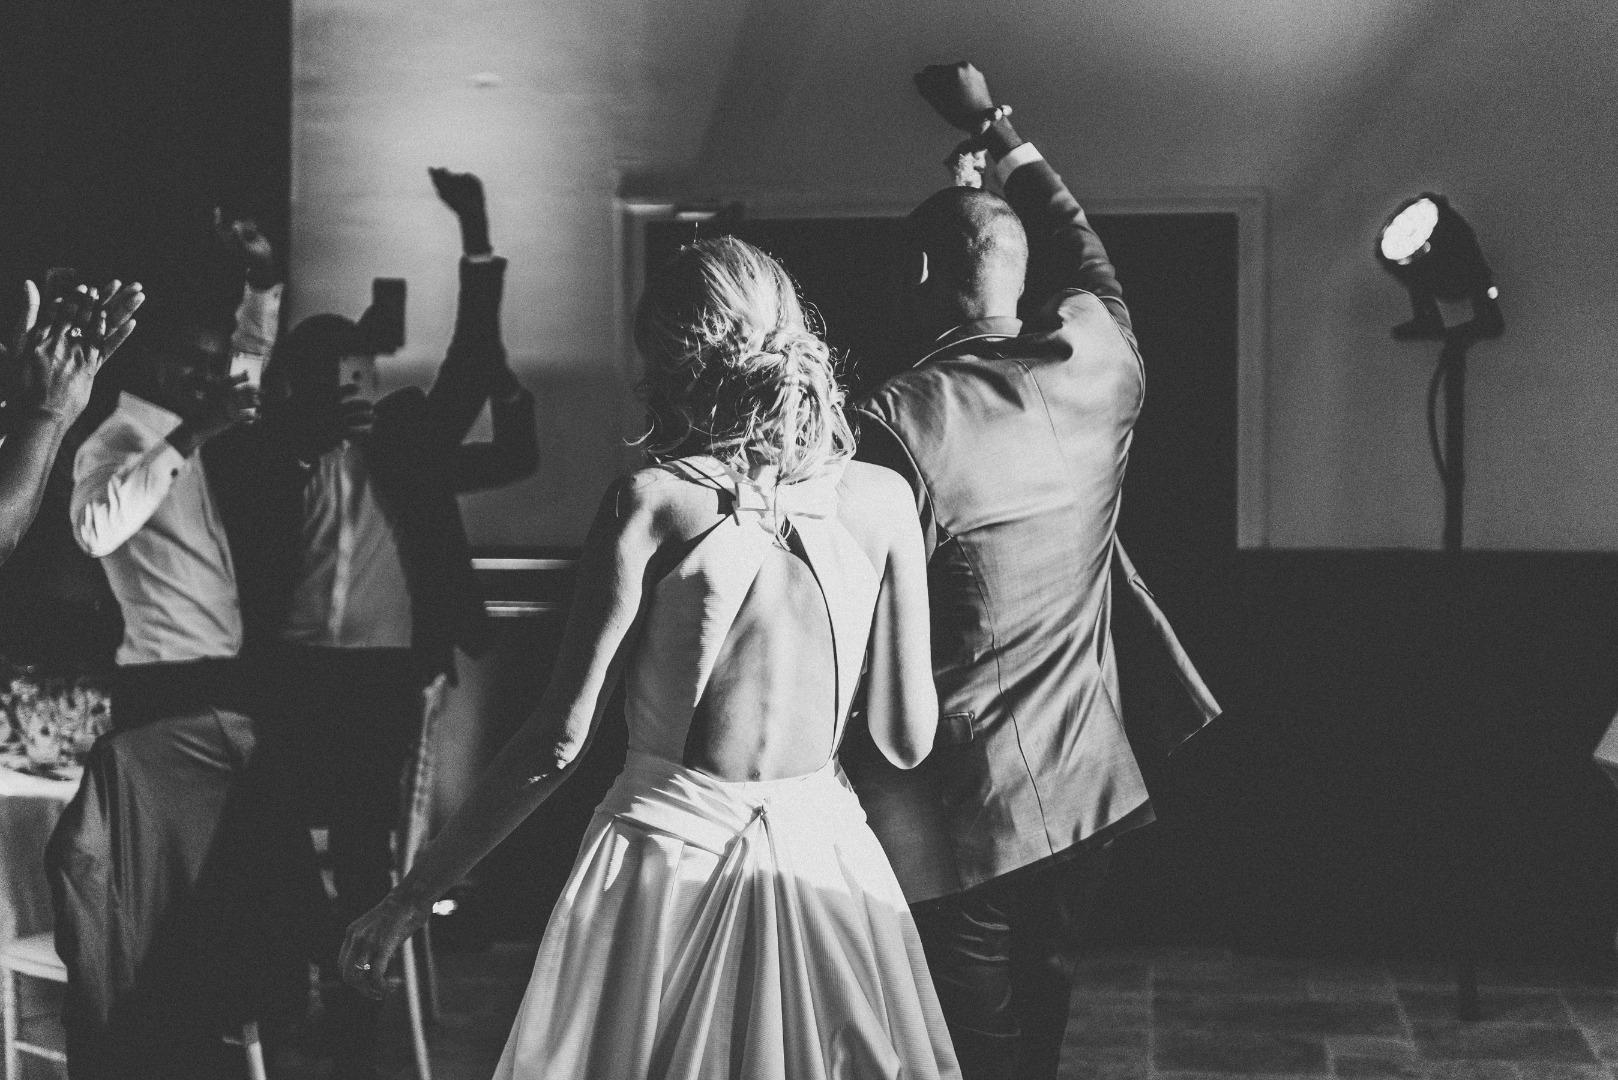 Soirée dansante avec dj et wedding planner La Dolce Vita au Chateau de Loubejac à Montauban